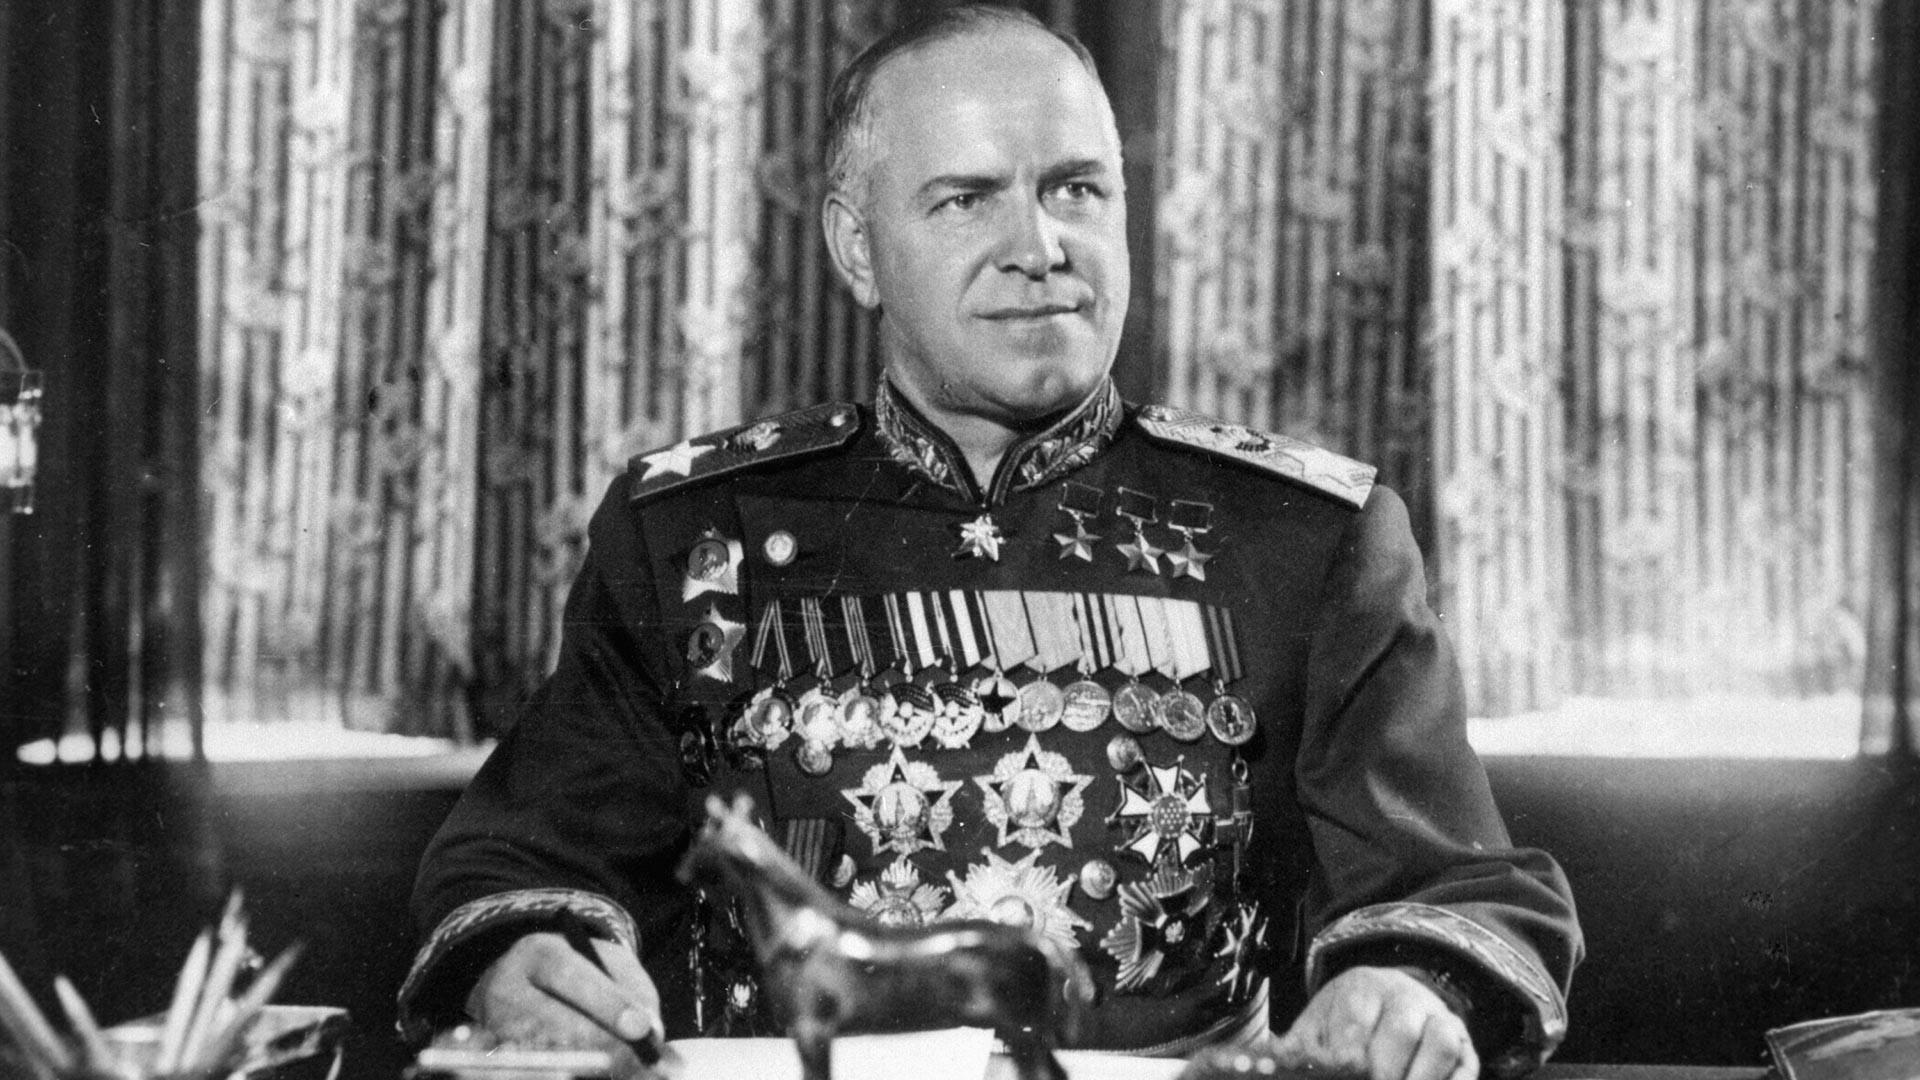 Маршал Совјетског Савеза Георгиј Жуков.